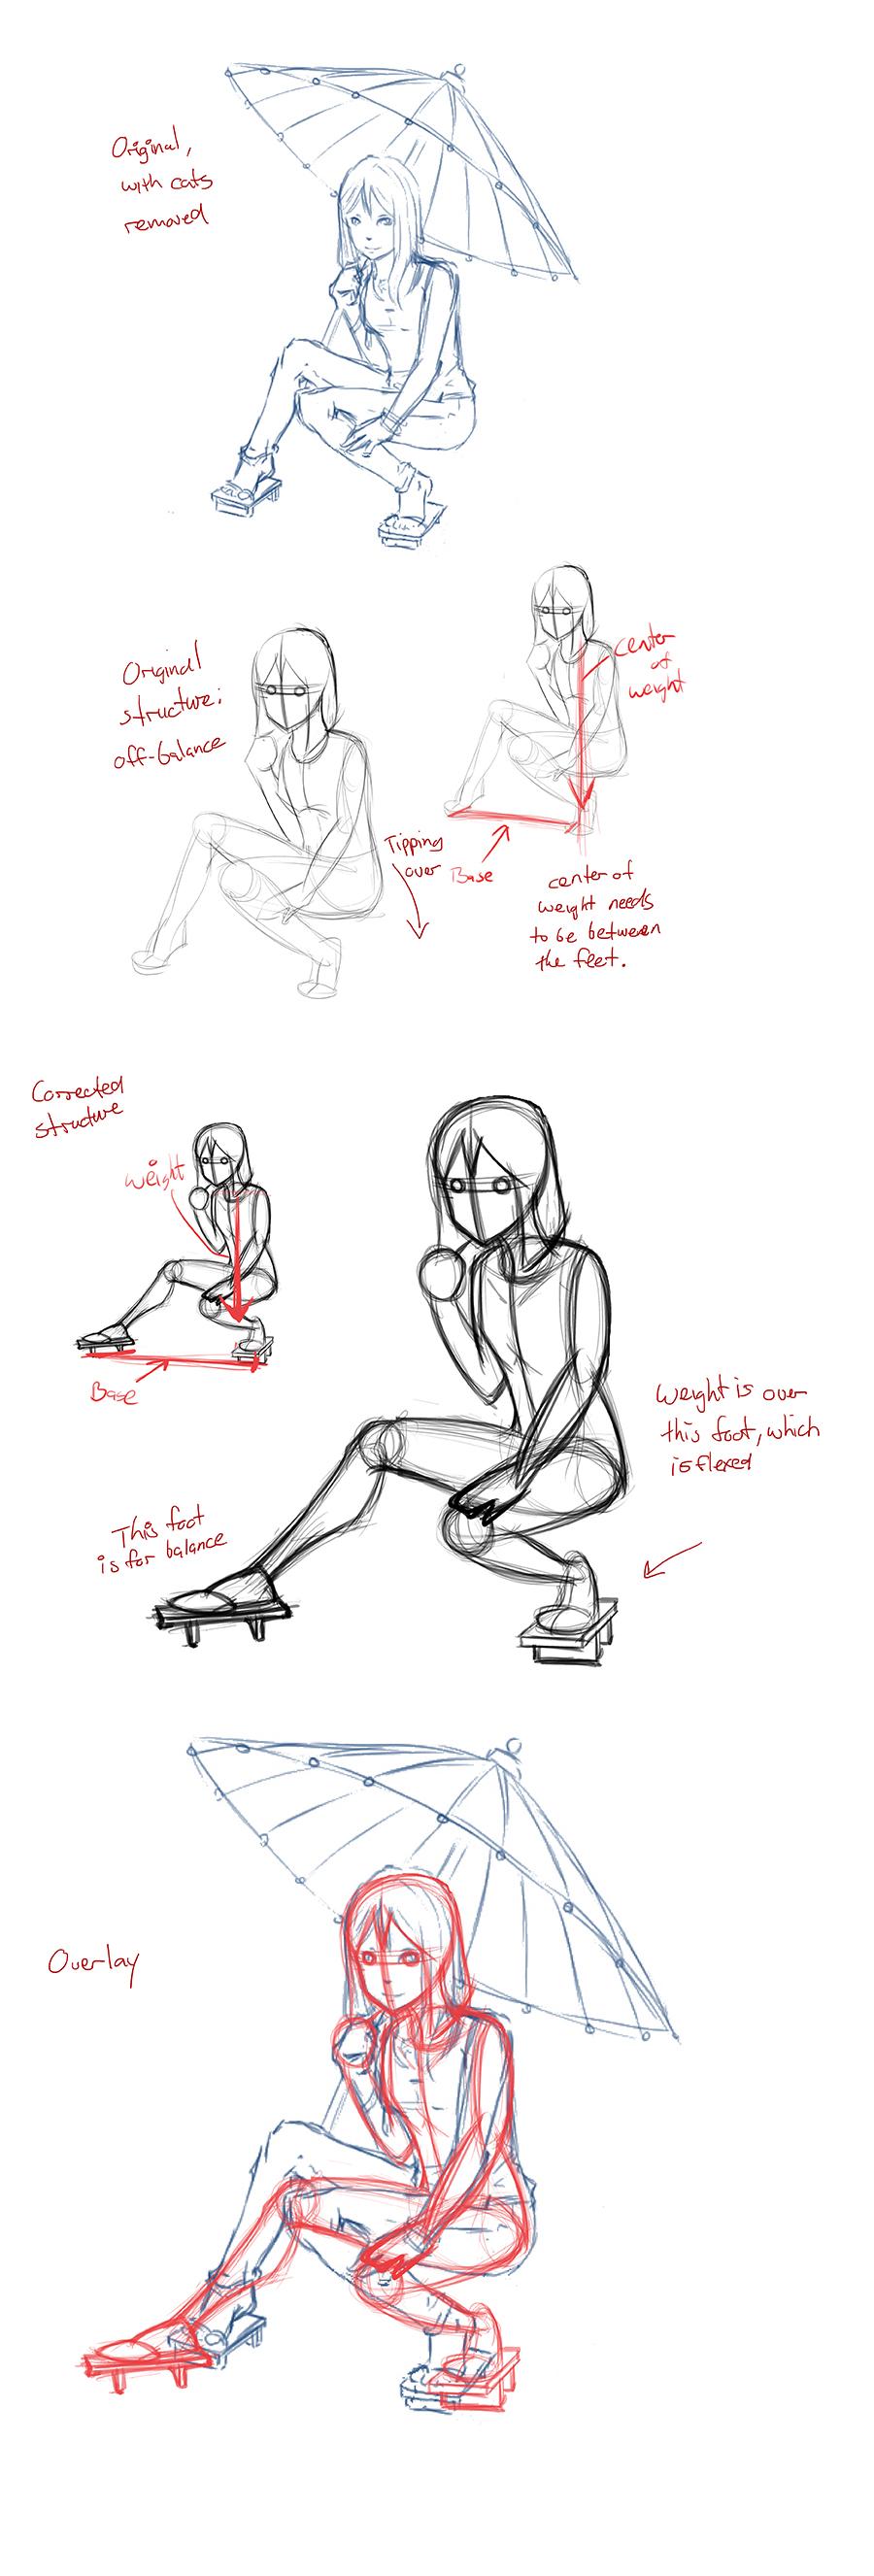 Umbrella Sketch- Correction by AdamMasterman